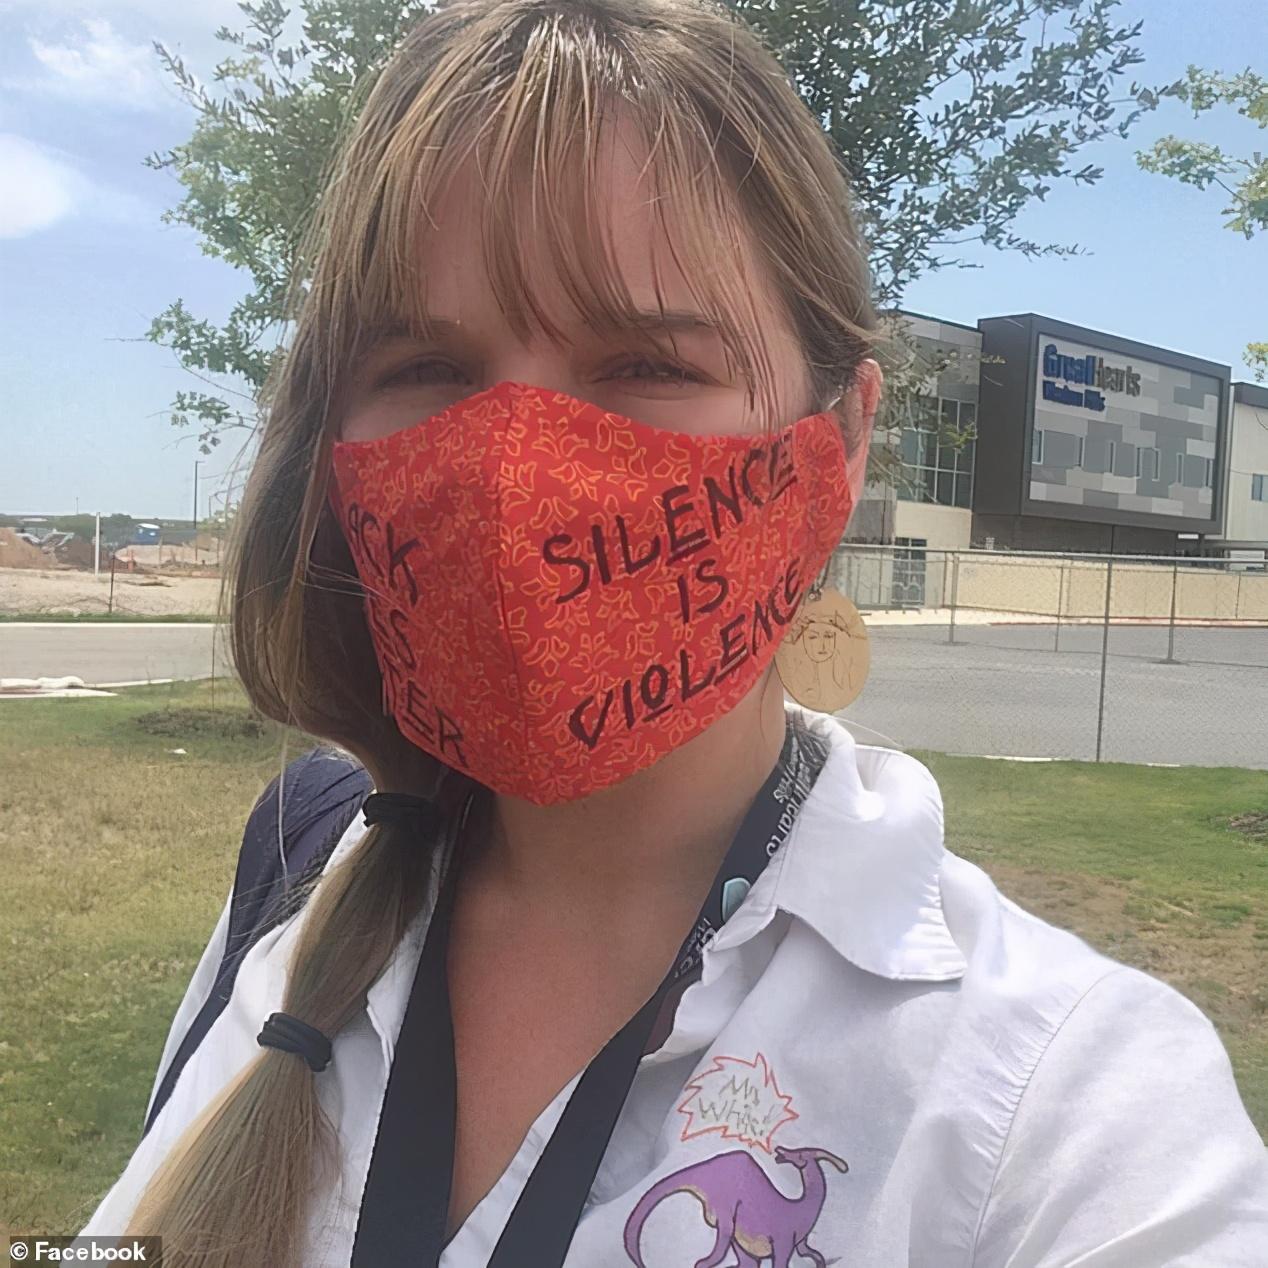 美国女老师坚持要戴口罩,支持黑人运动,结果竟被学校开除